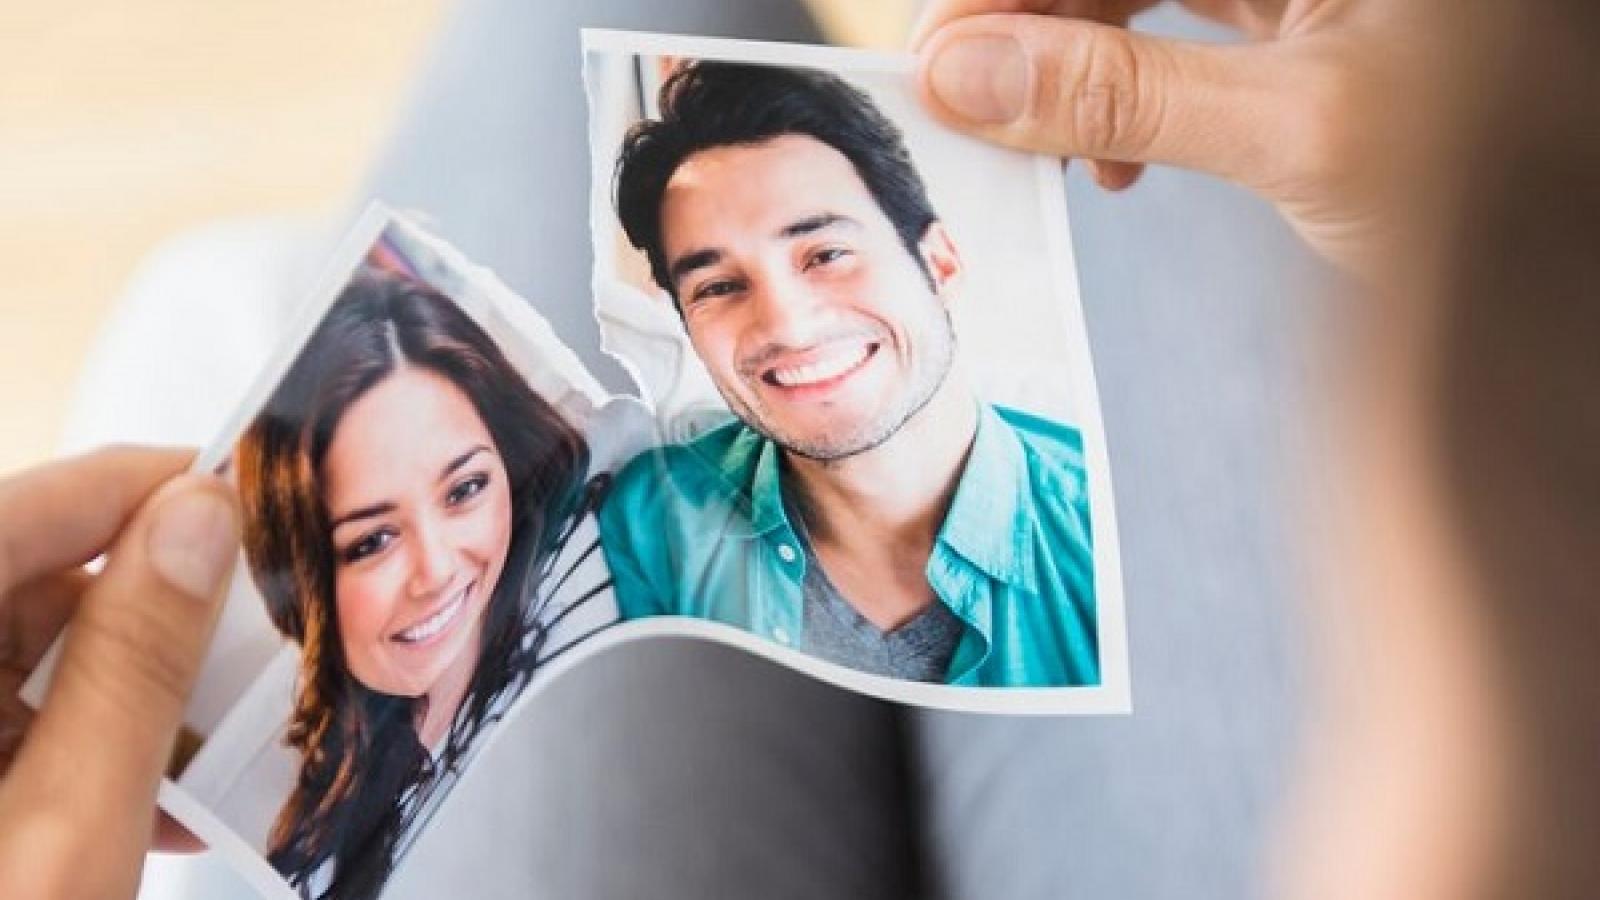 10 lý do tệ nhất mọi người thường lấy cớ để làm bạn với người cũ